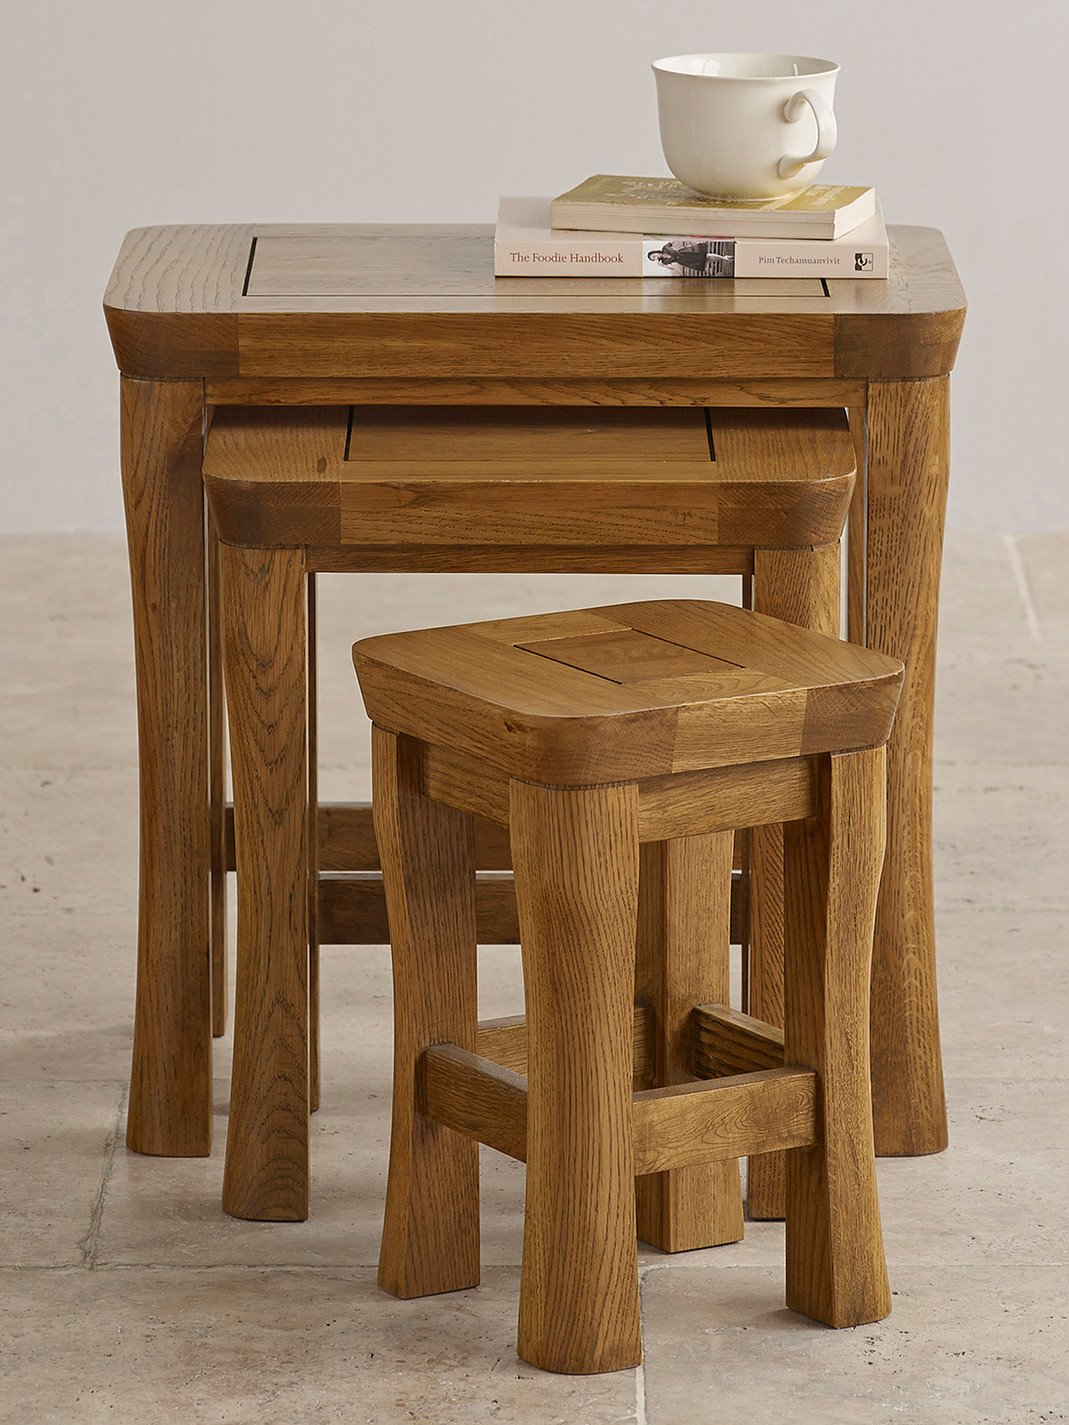 orrick rustic solid oak nest of tables living room furniture. Black Bedroom Furniture Sets. Home Design Ideas